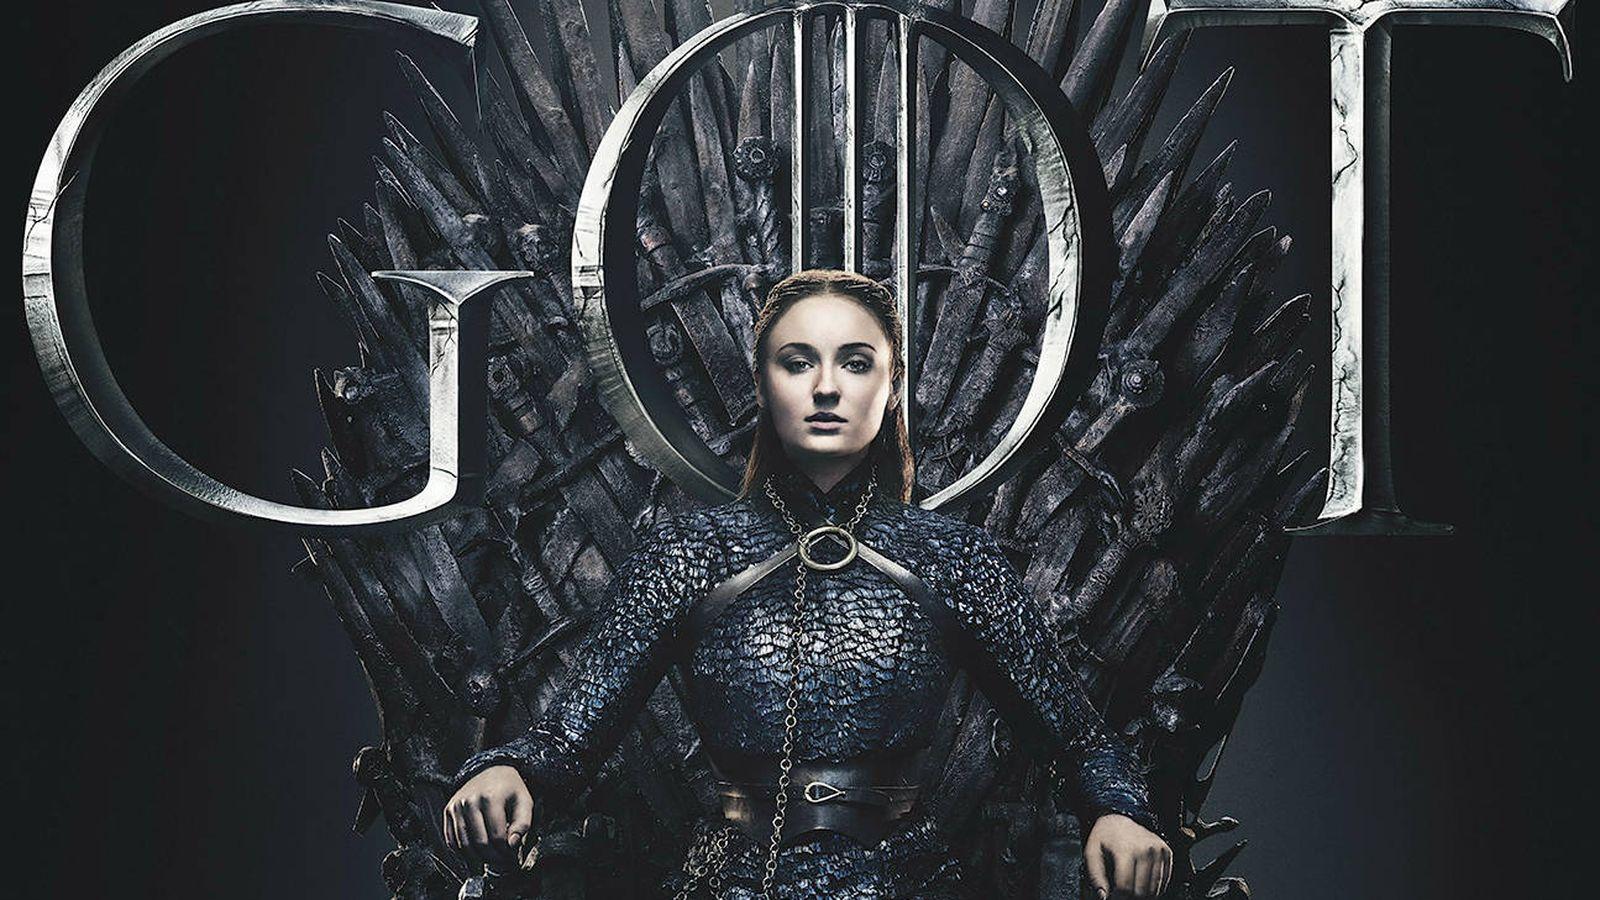 Foto: Sansa Stark en el Trono de Hierro. (HBO)